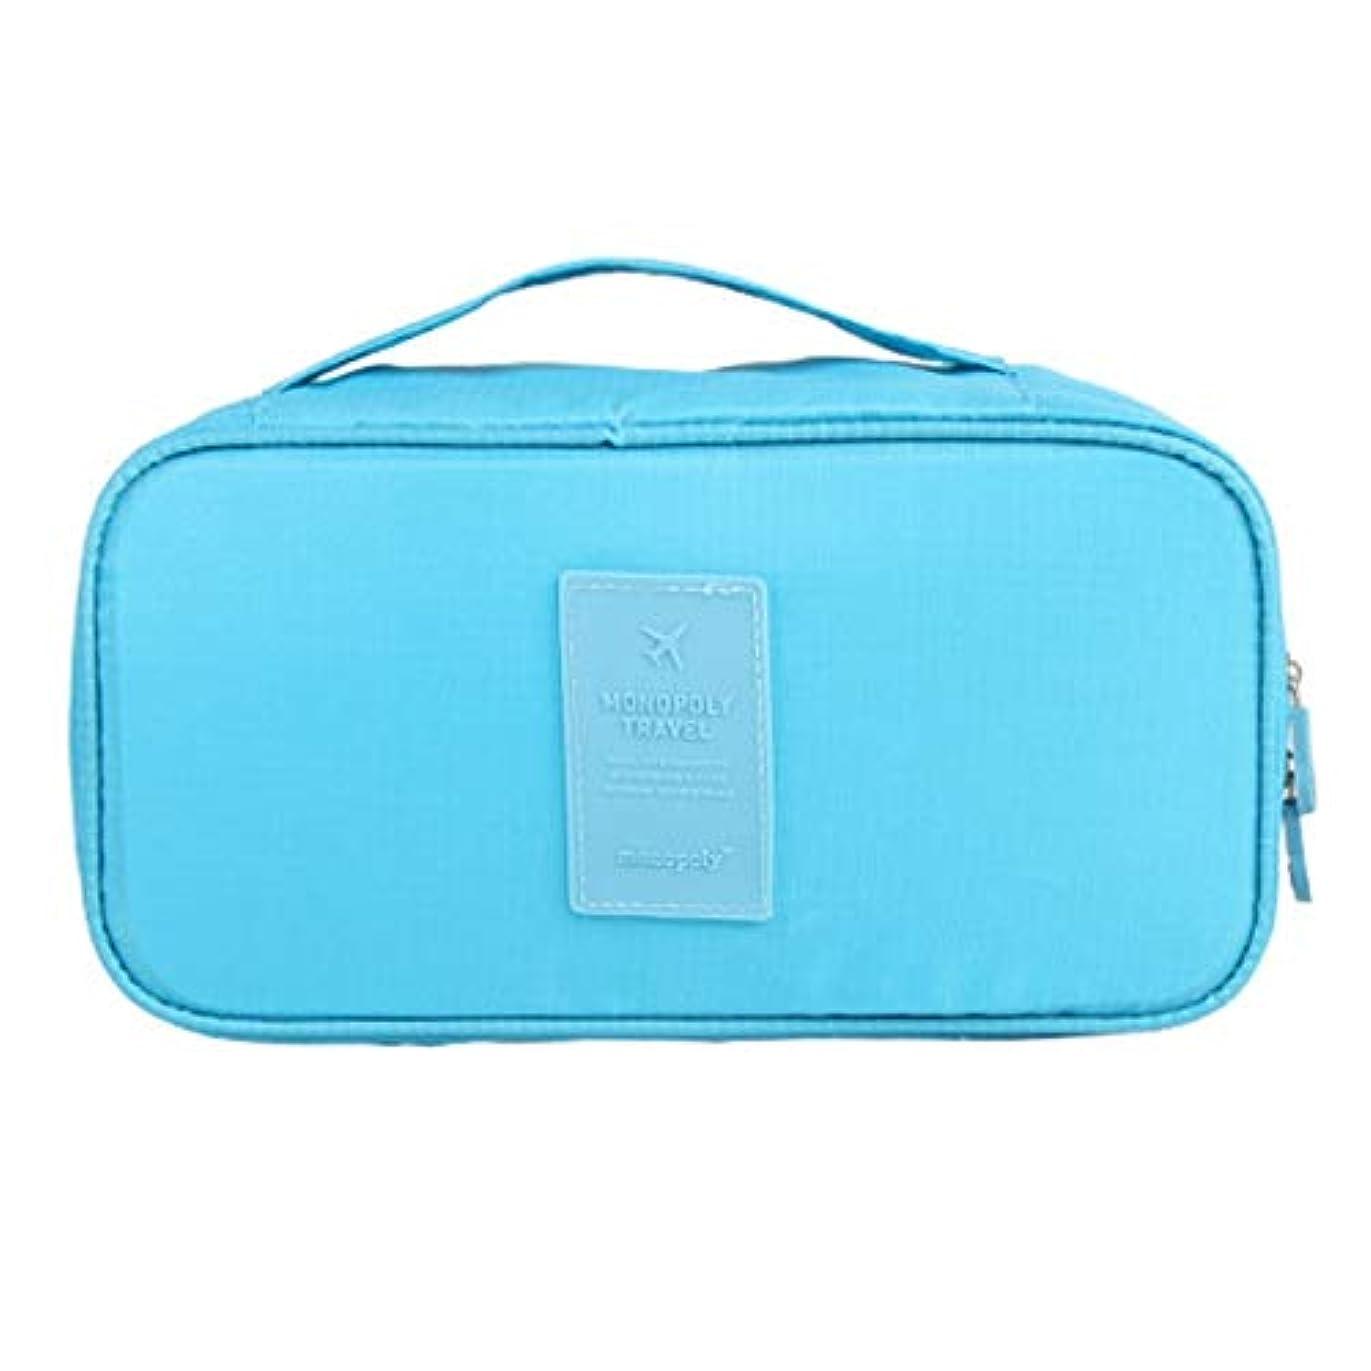 確認するほかに化粧オーガナイザーバッグ 旅行用品旅行用シェービングヘアバッグ 化粧品ケース (色 : 青)